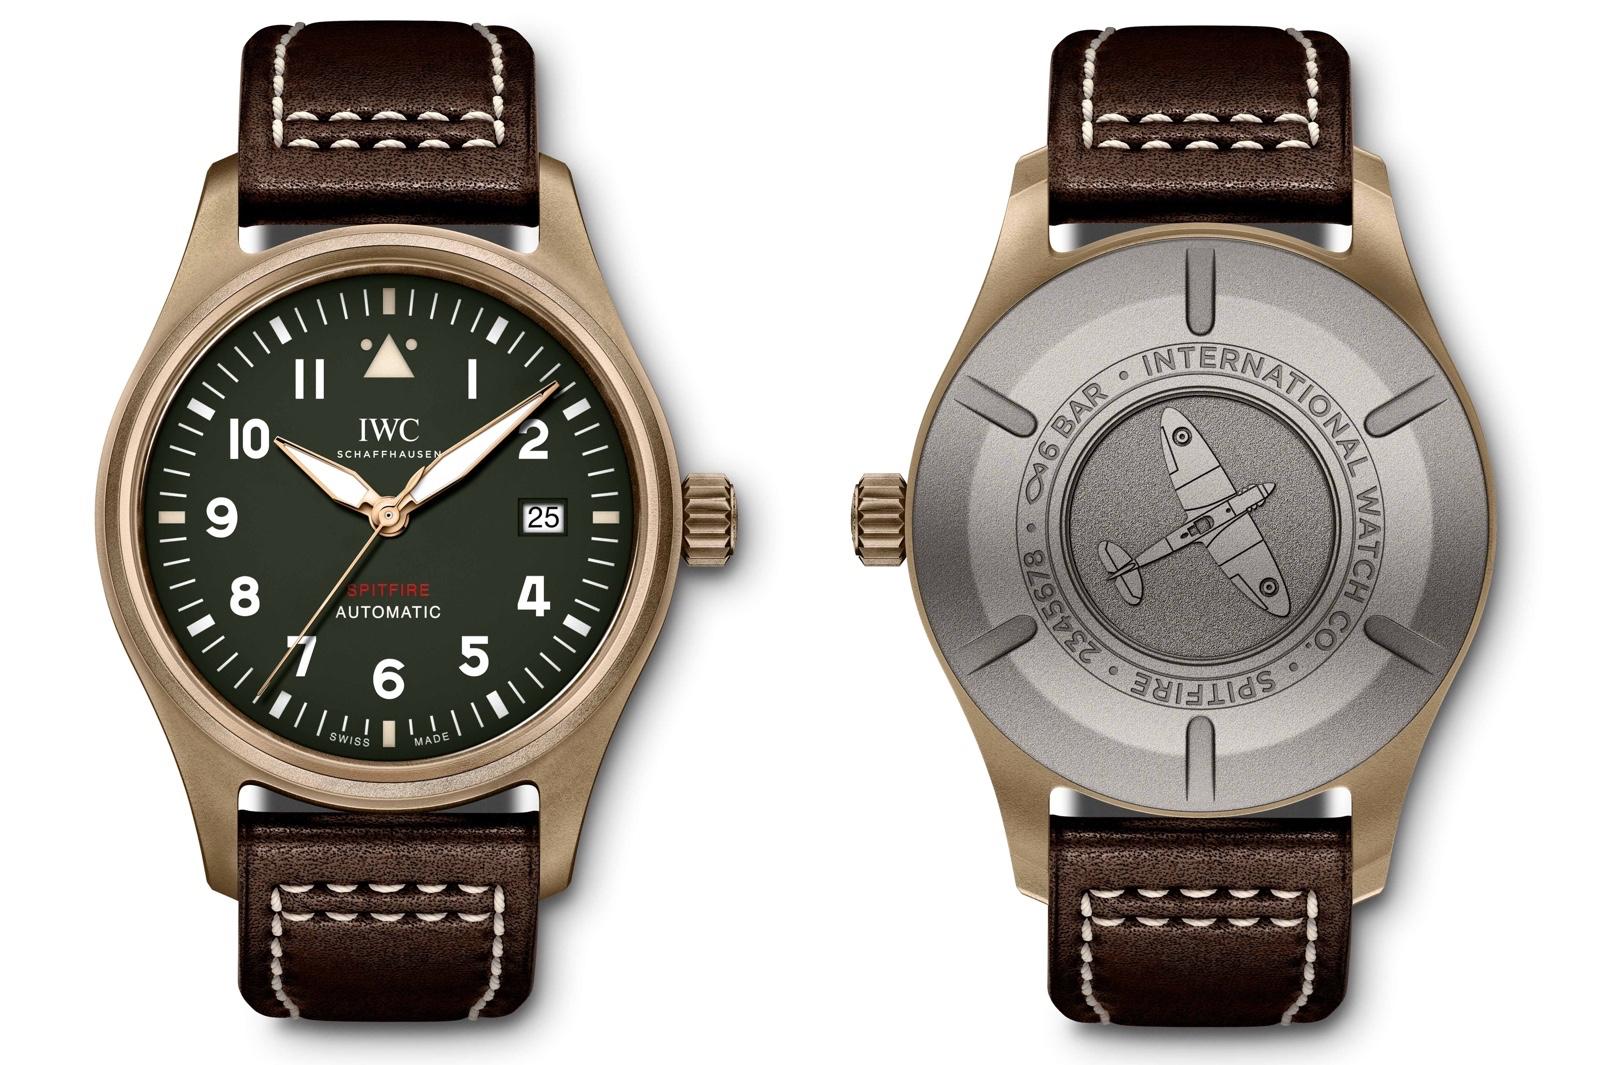 IWC-Reloj-de-Aviador-Spitfire-Automatic-IW326802